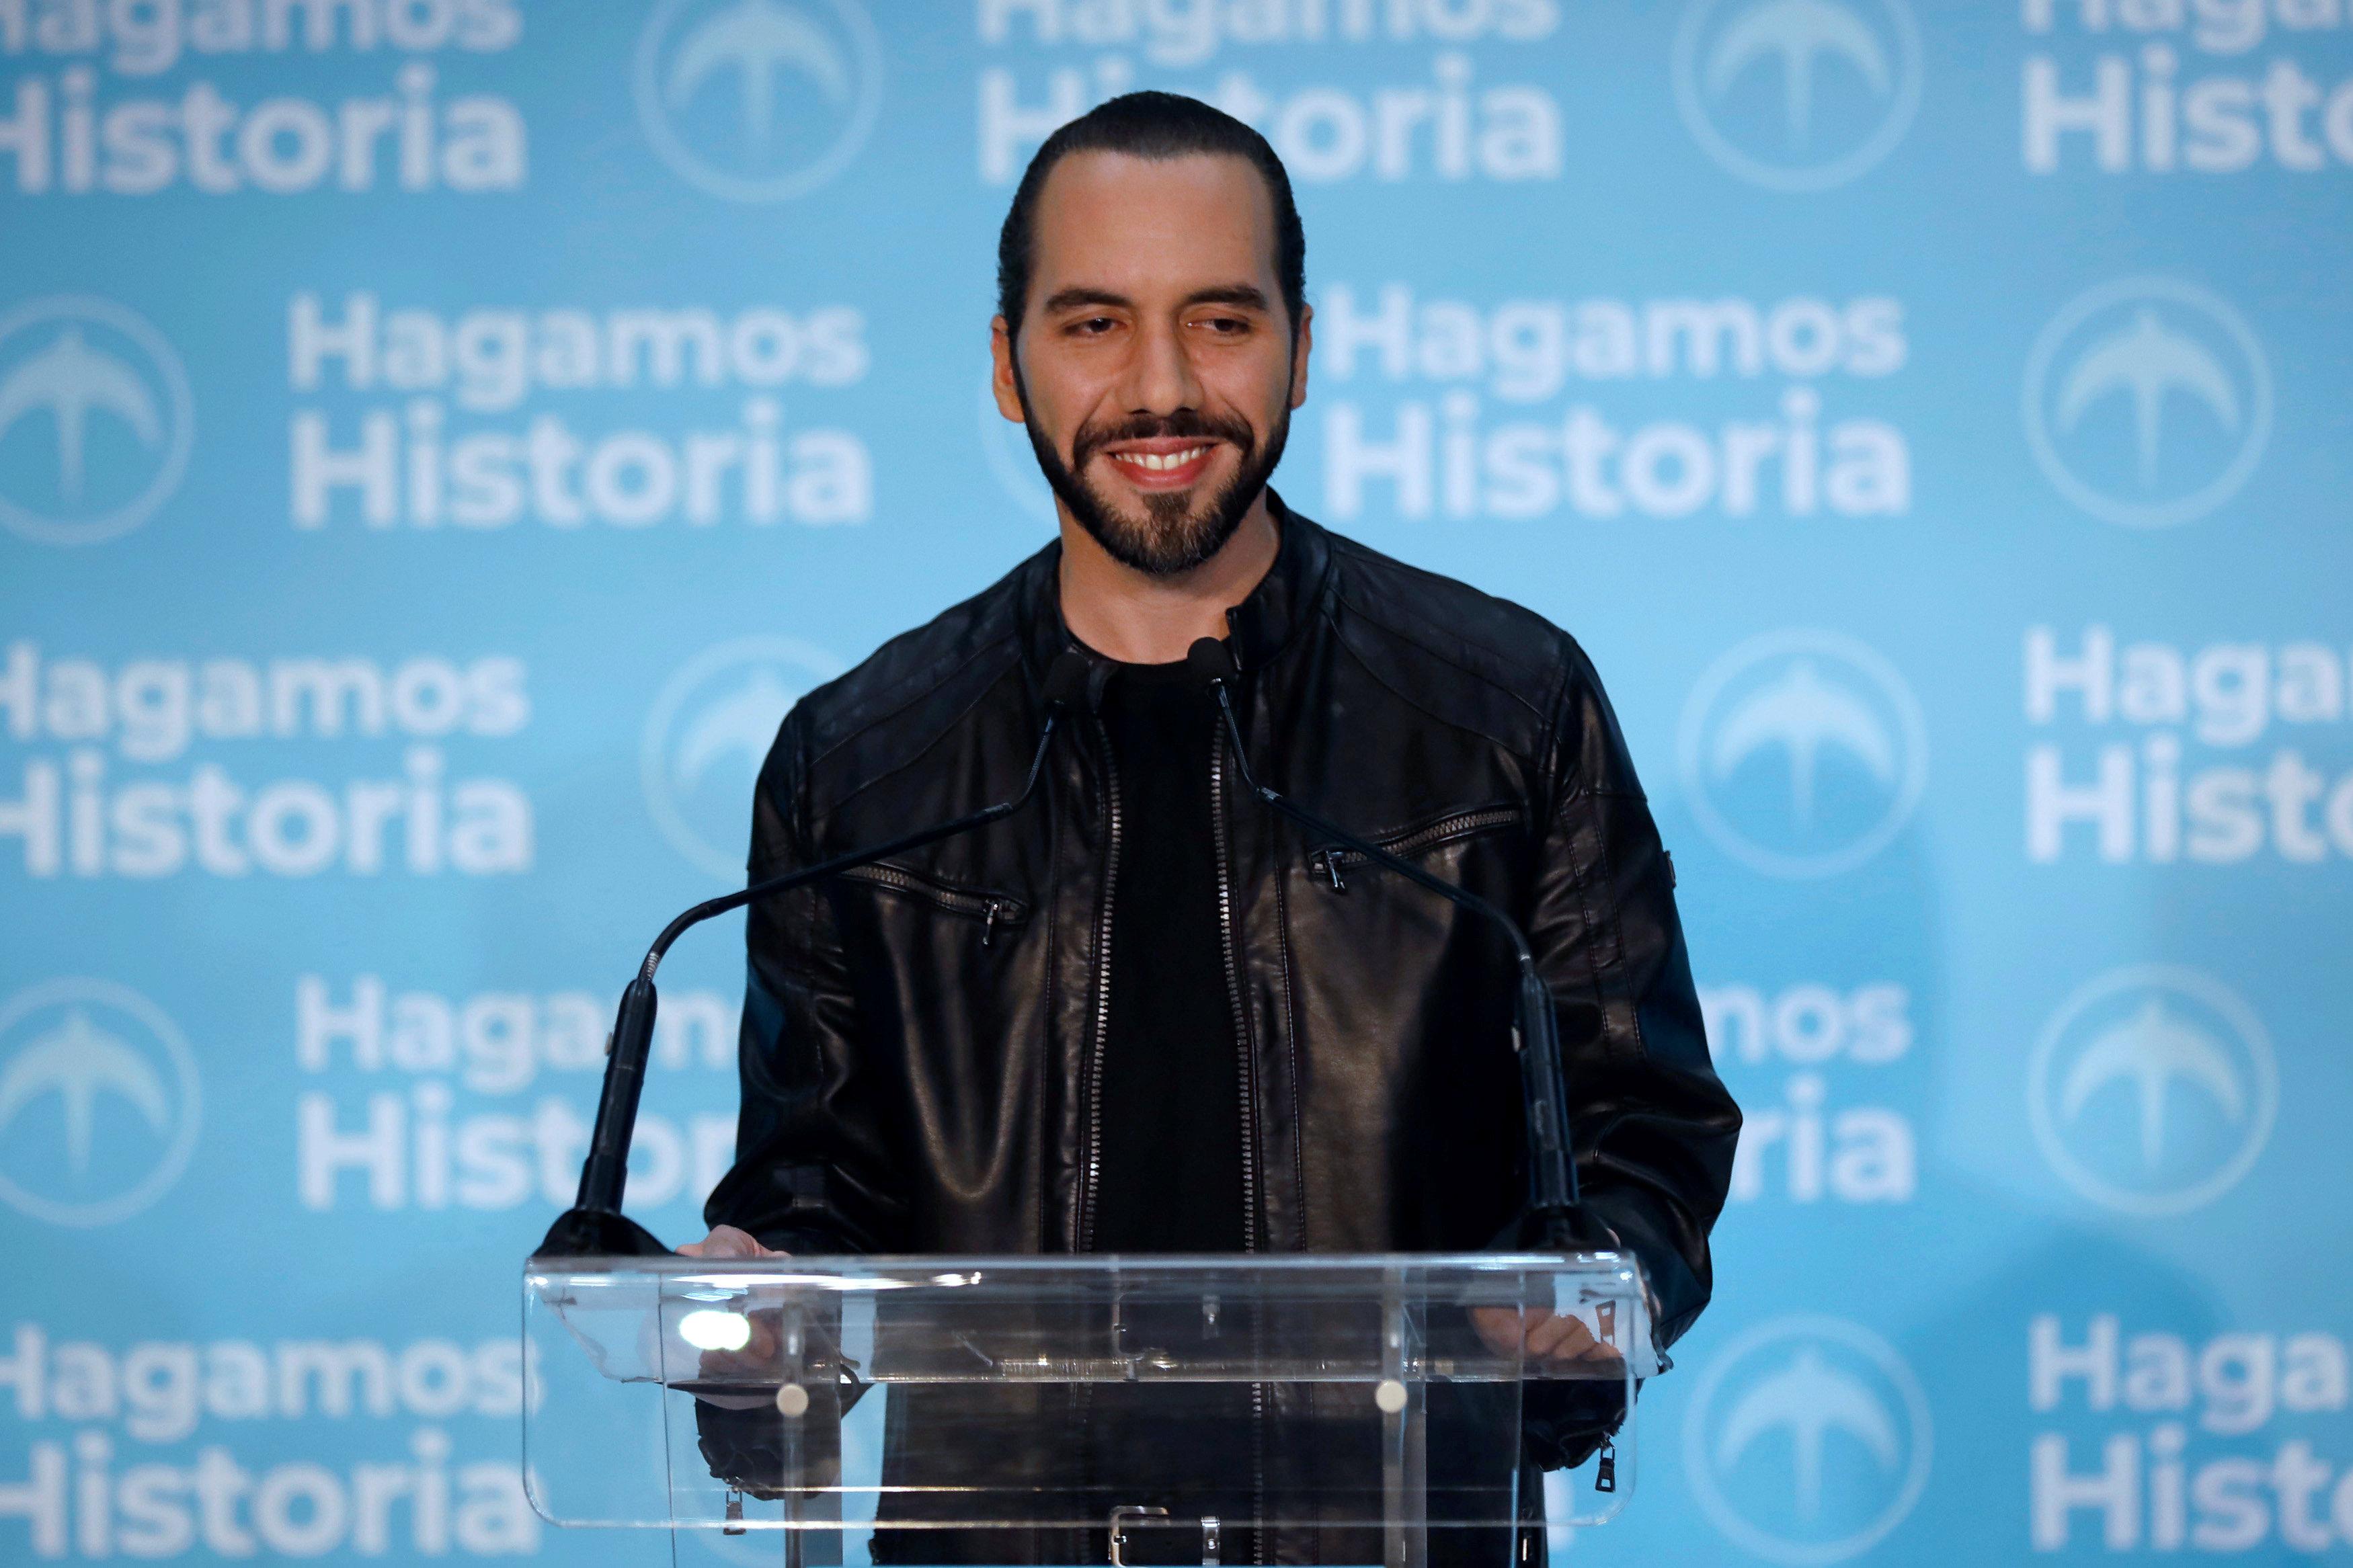 (REUTERS/Jose Cabezas)